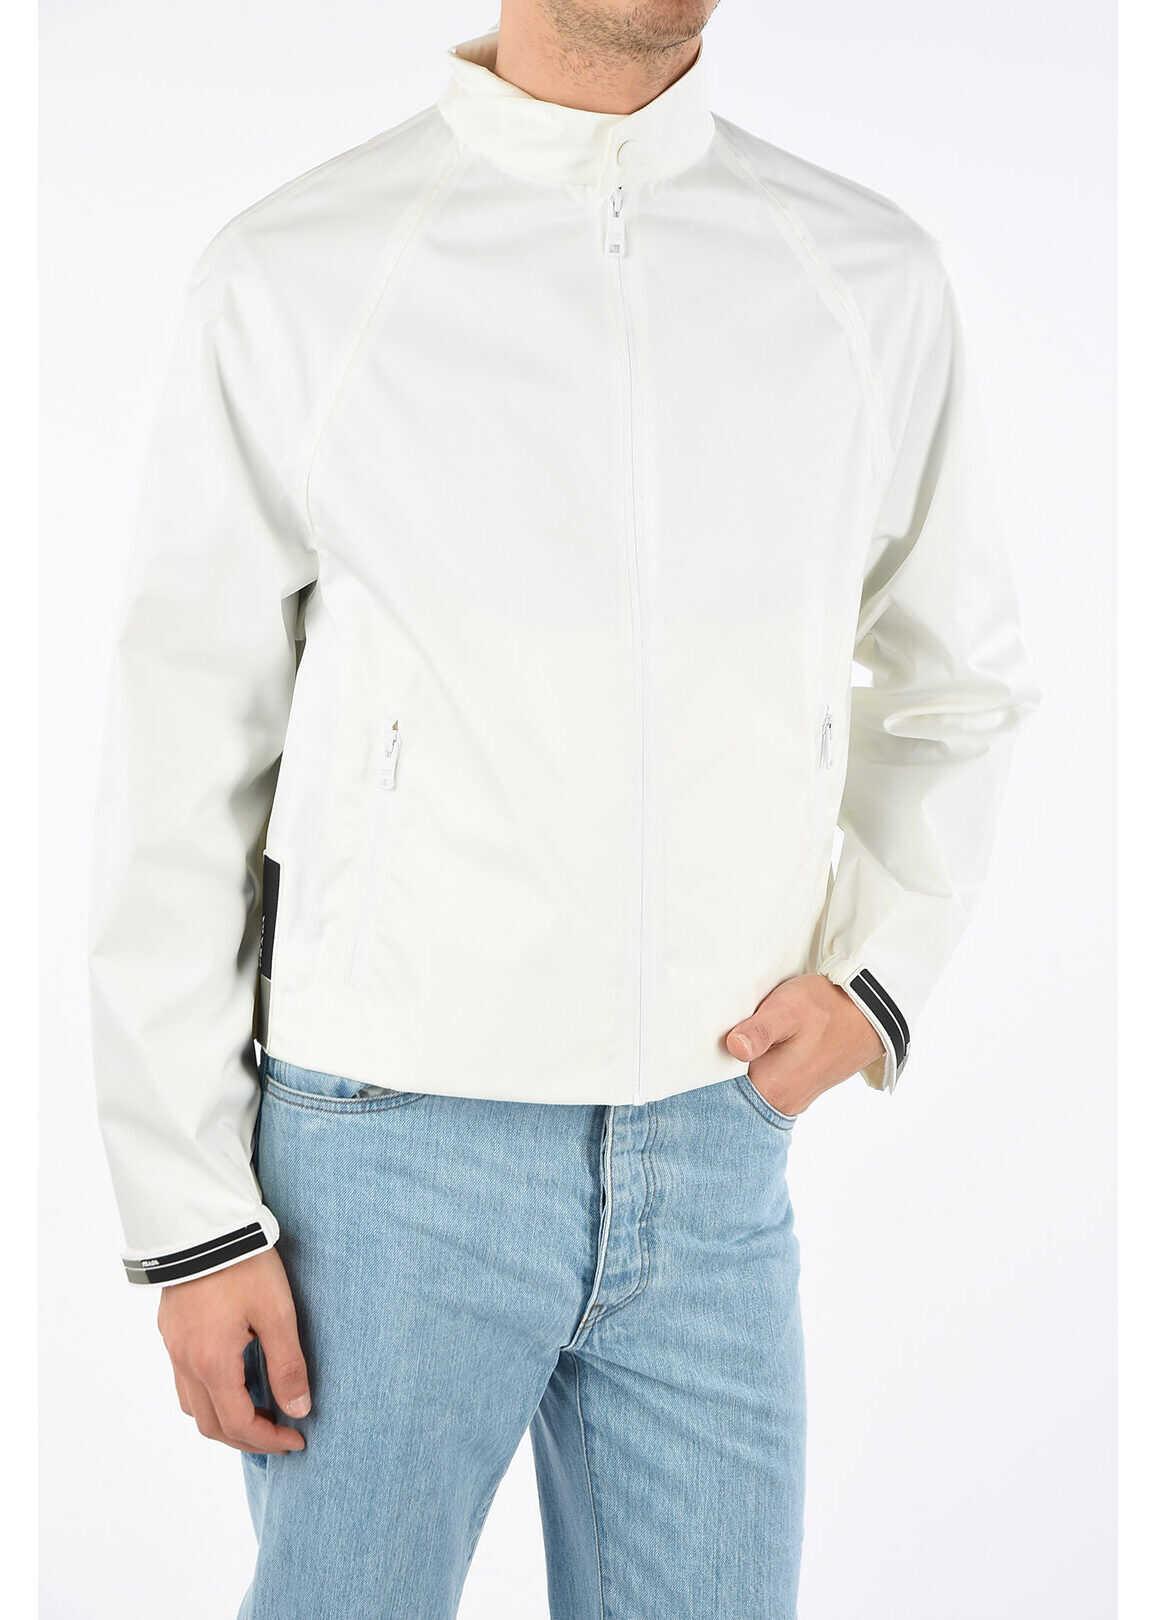 Prada full zip blouson WHITE